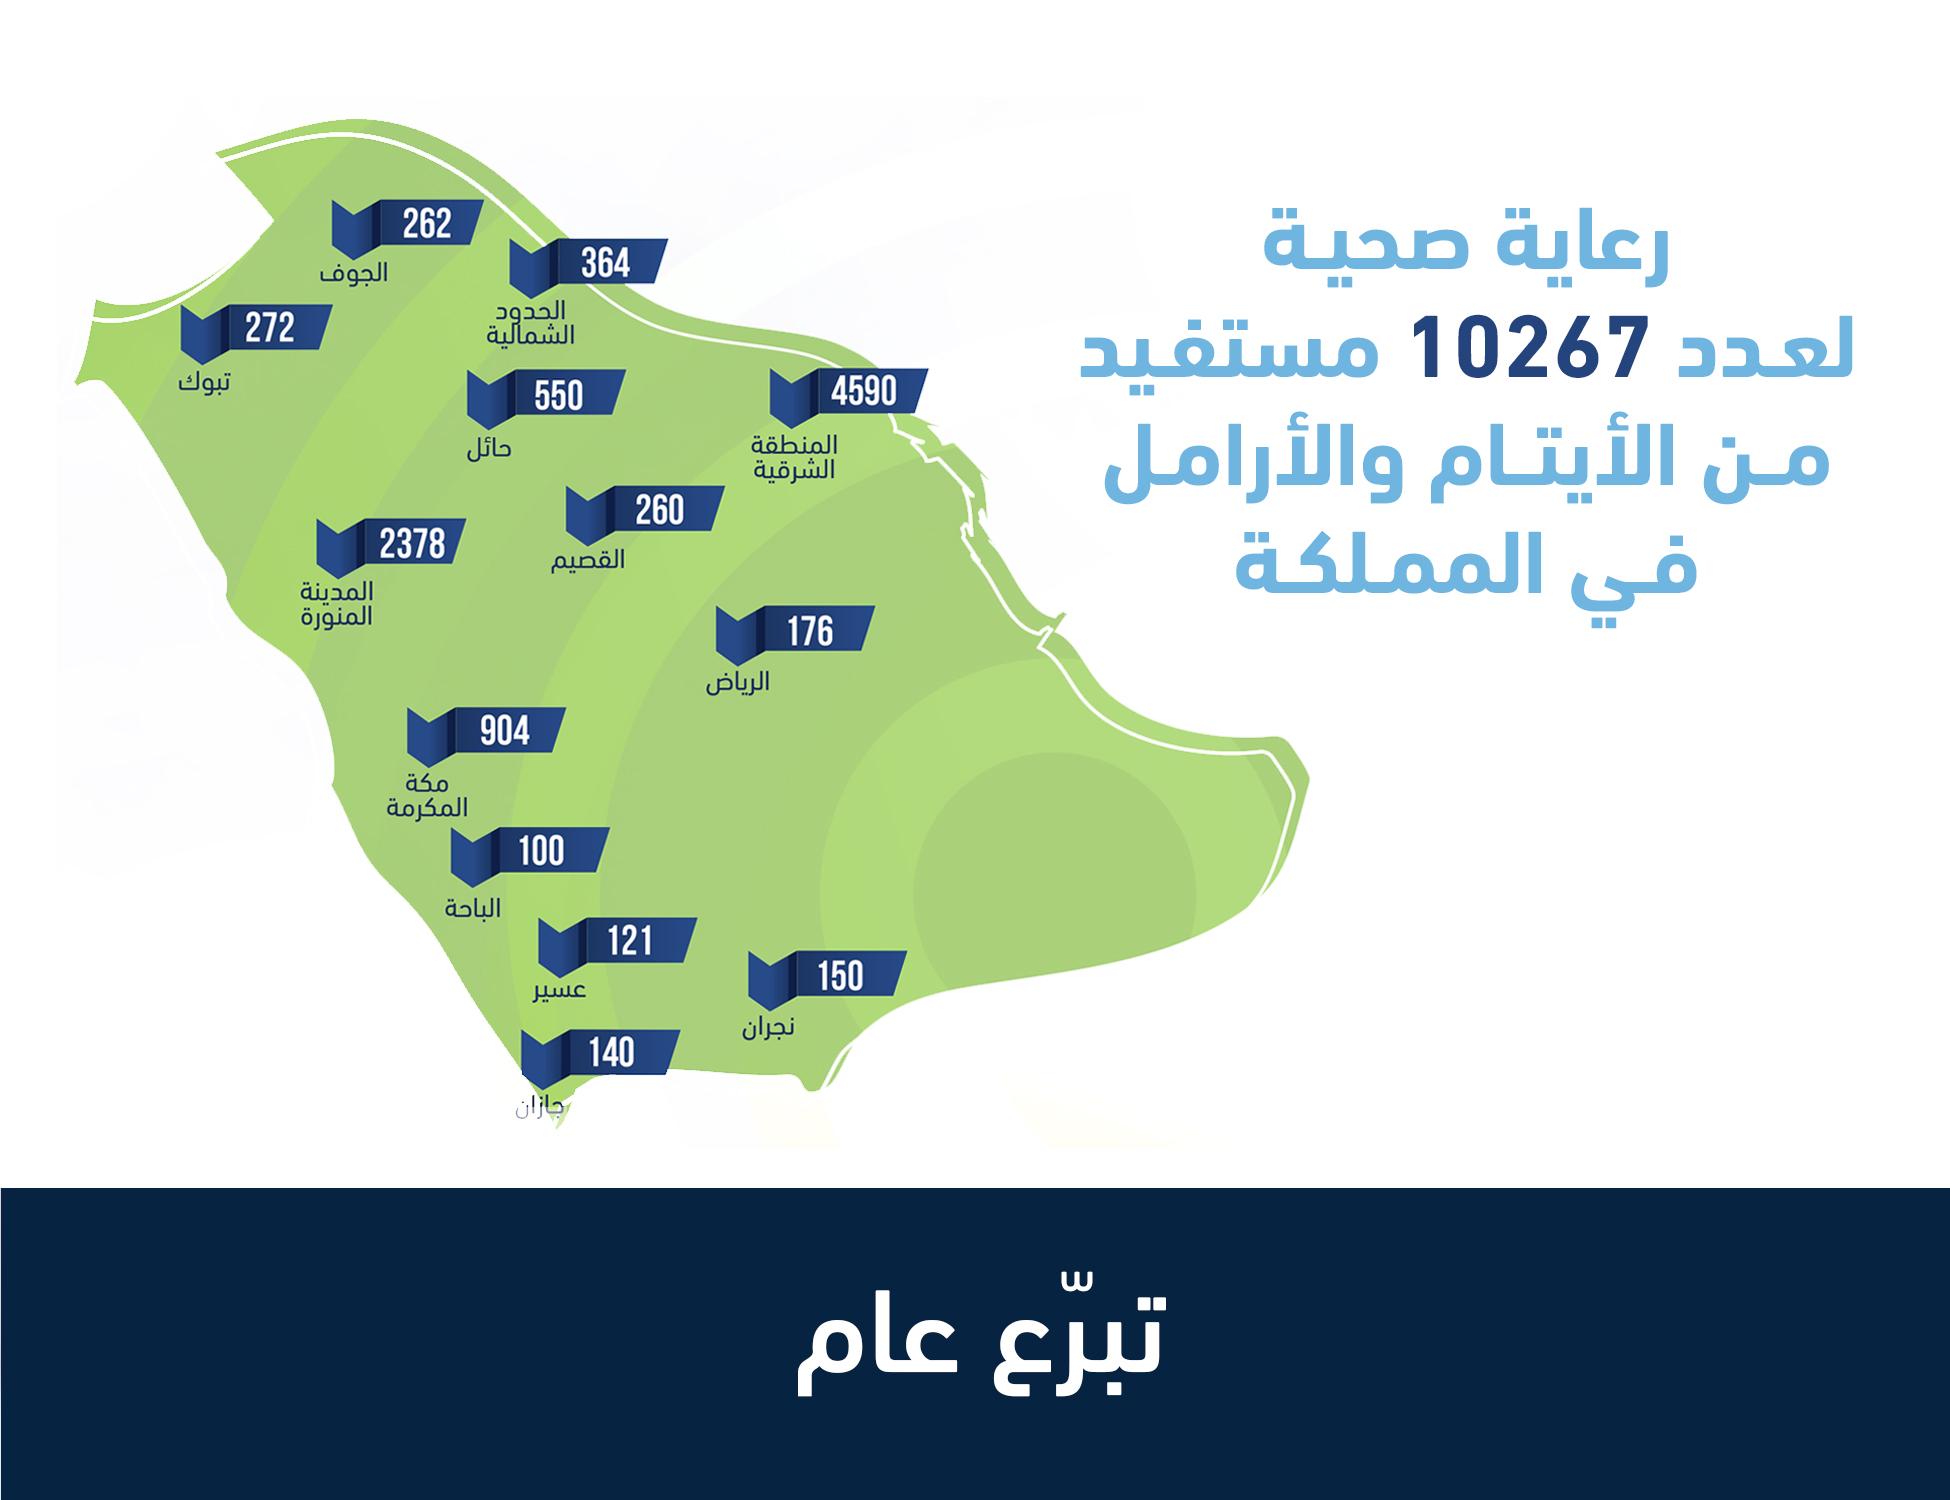 التبرع للرعاية الصحية للأيتام والأرامل في المملكة